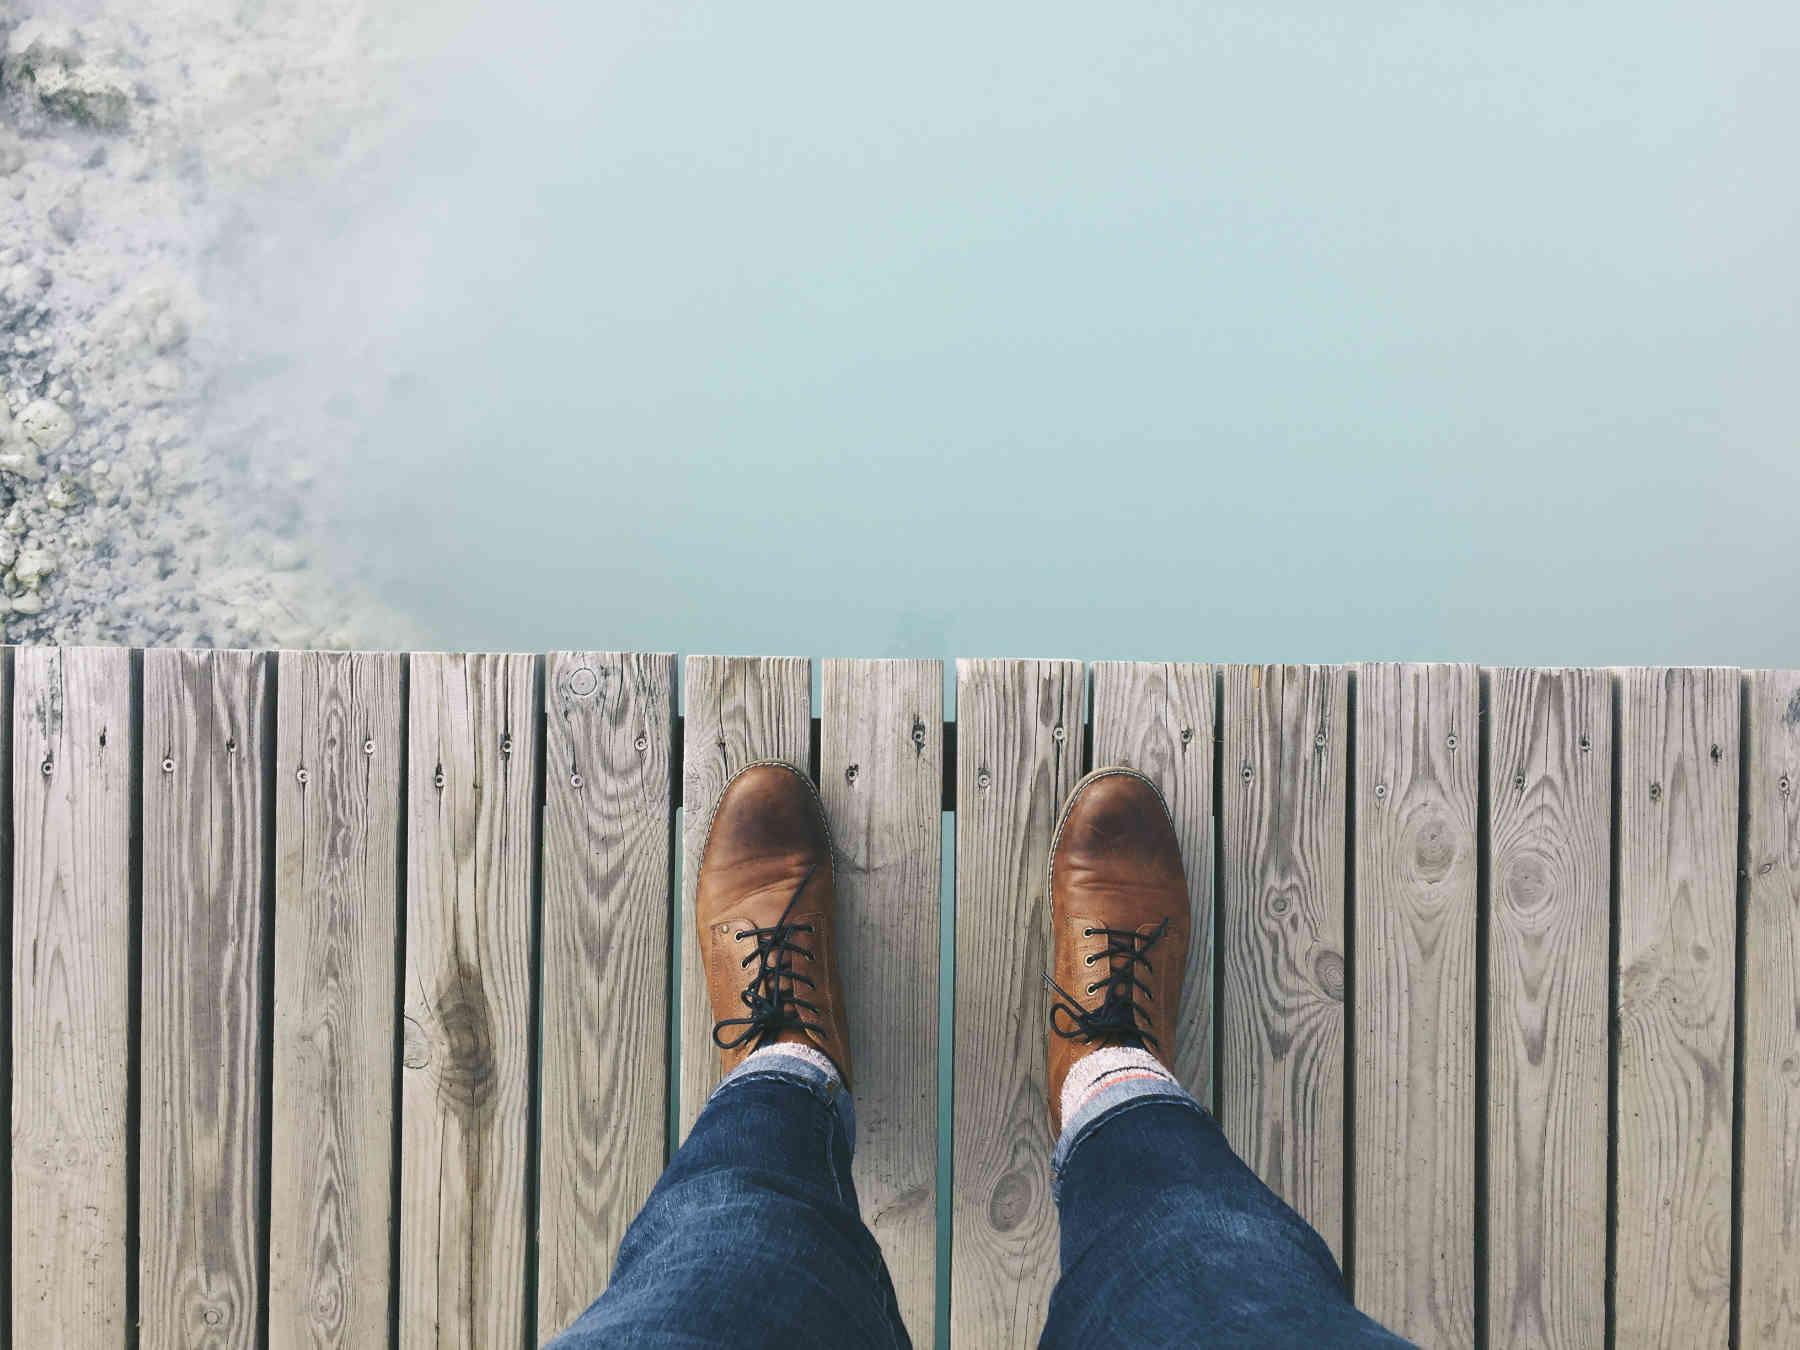 27 vérités fondamentales de la vie que je trouve inspirantes et bienfaisantes